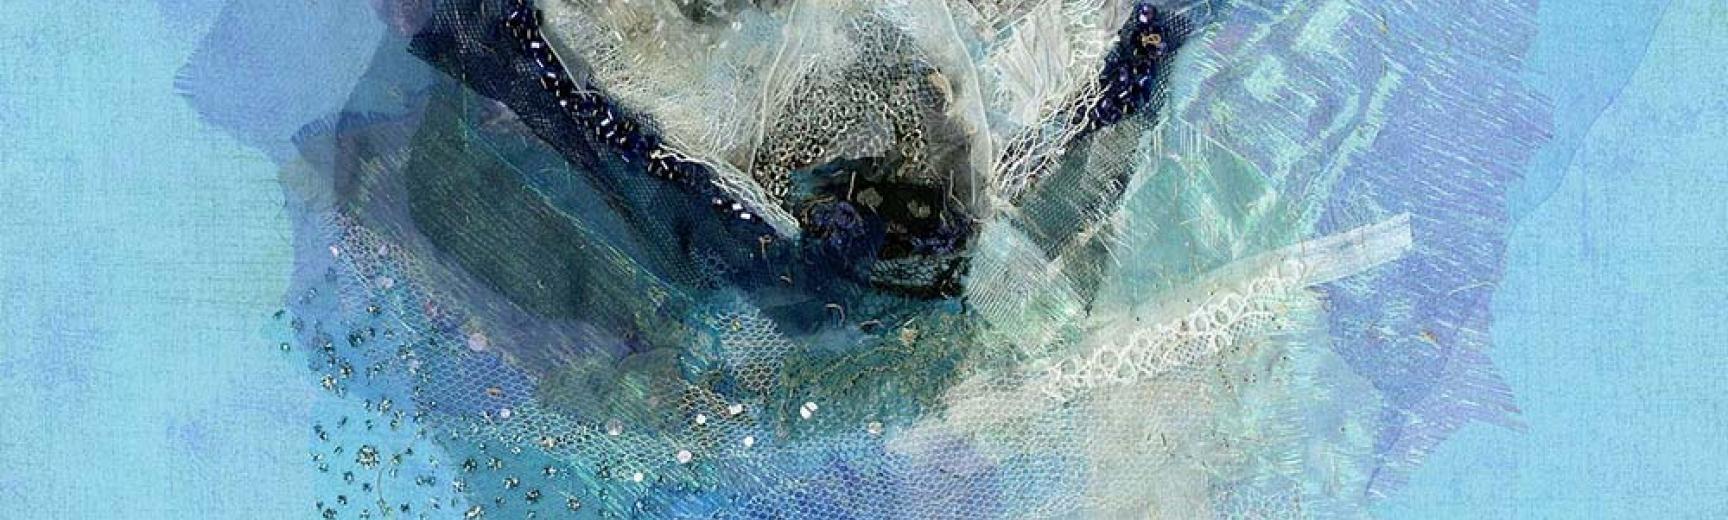 lrpolar bear swimming